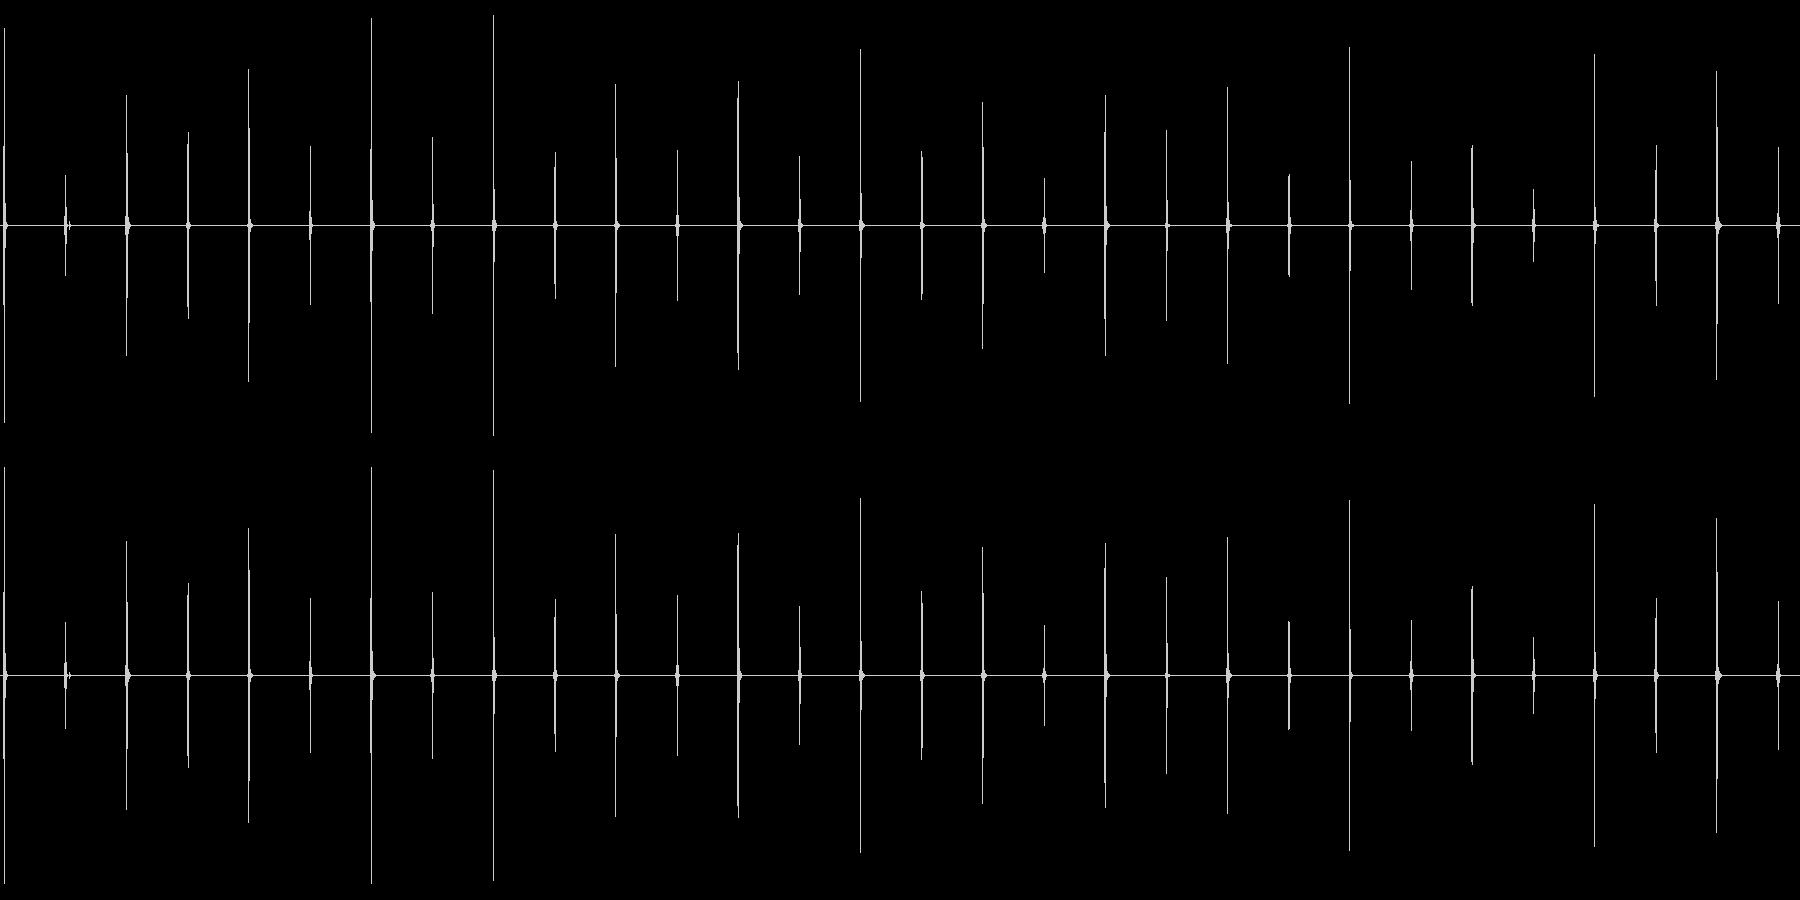 時計の環境音 02の未再生の波形